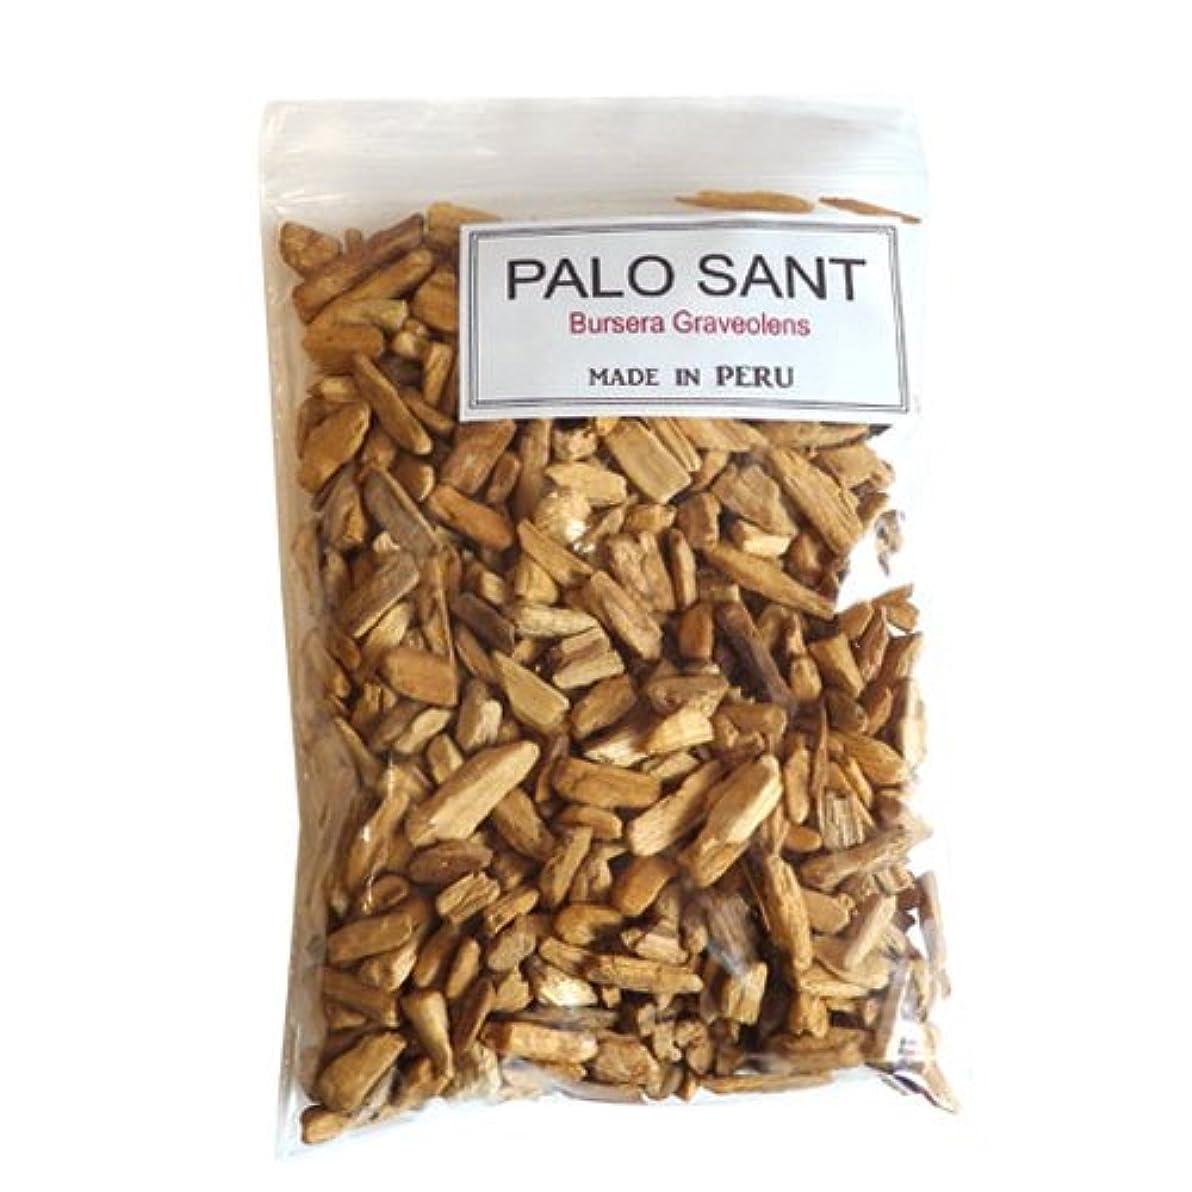 ずっと腹部減衰パワーストーン 浄化用 聖なる樹 パロサント チップタイプ ペルー産